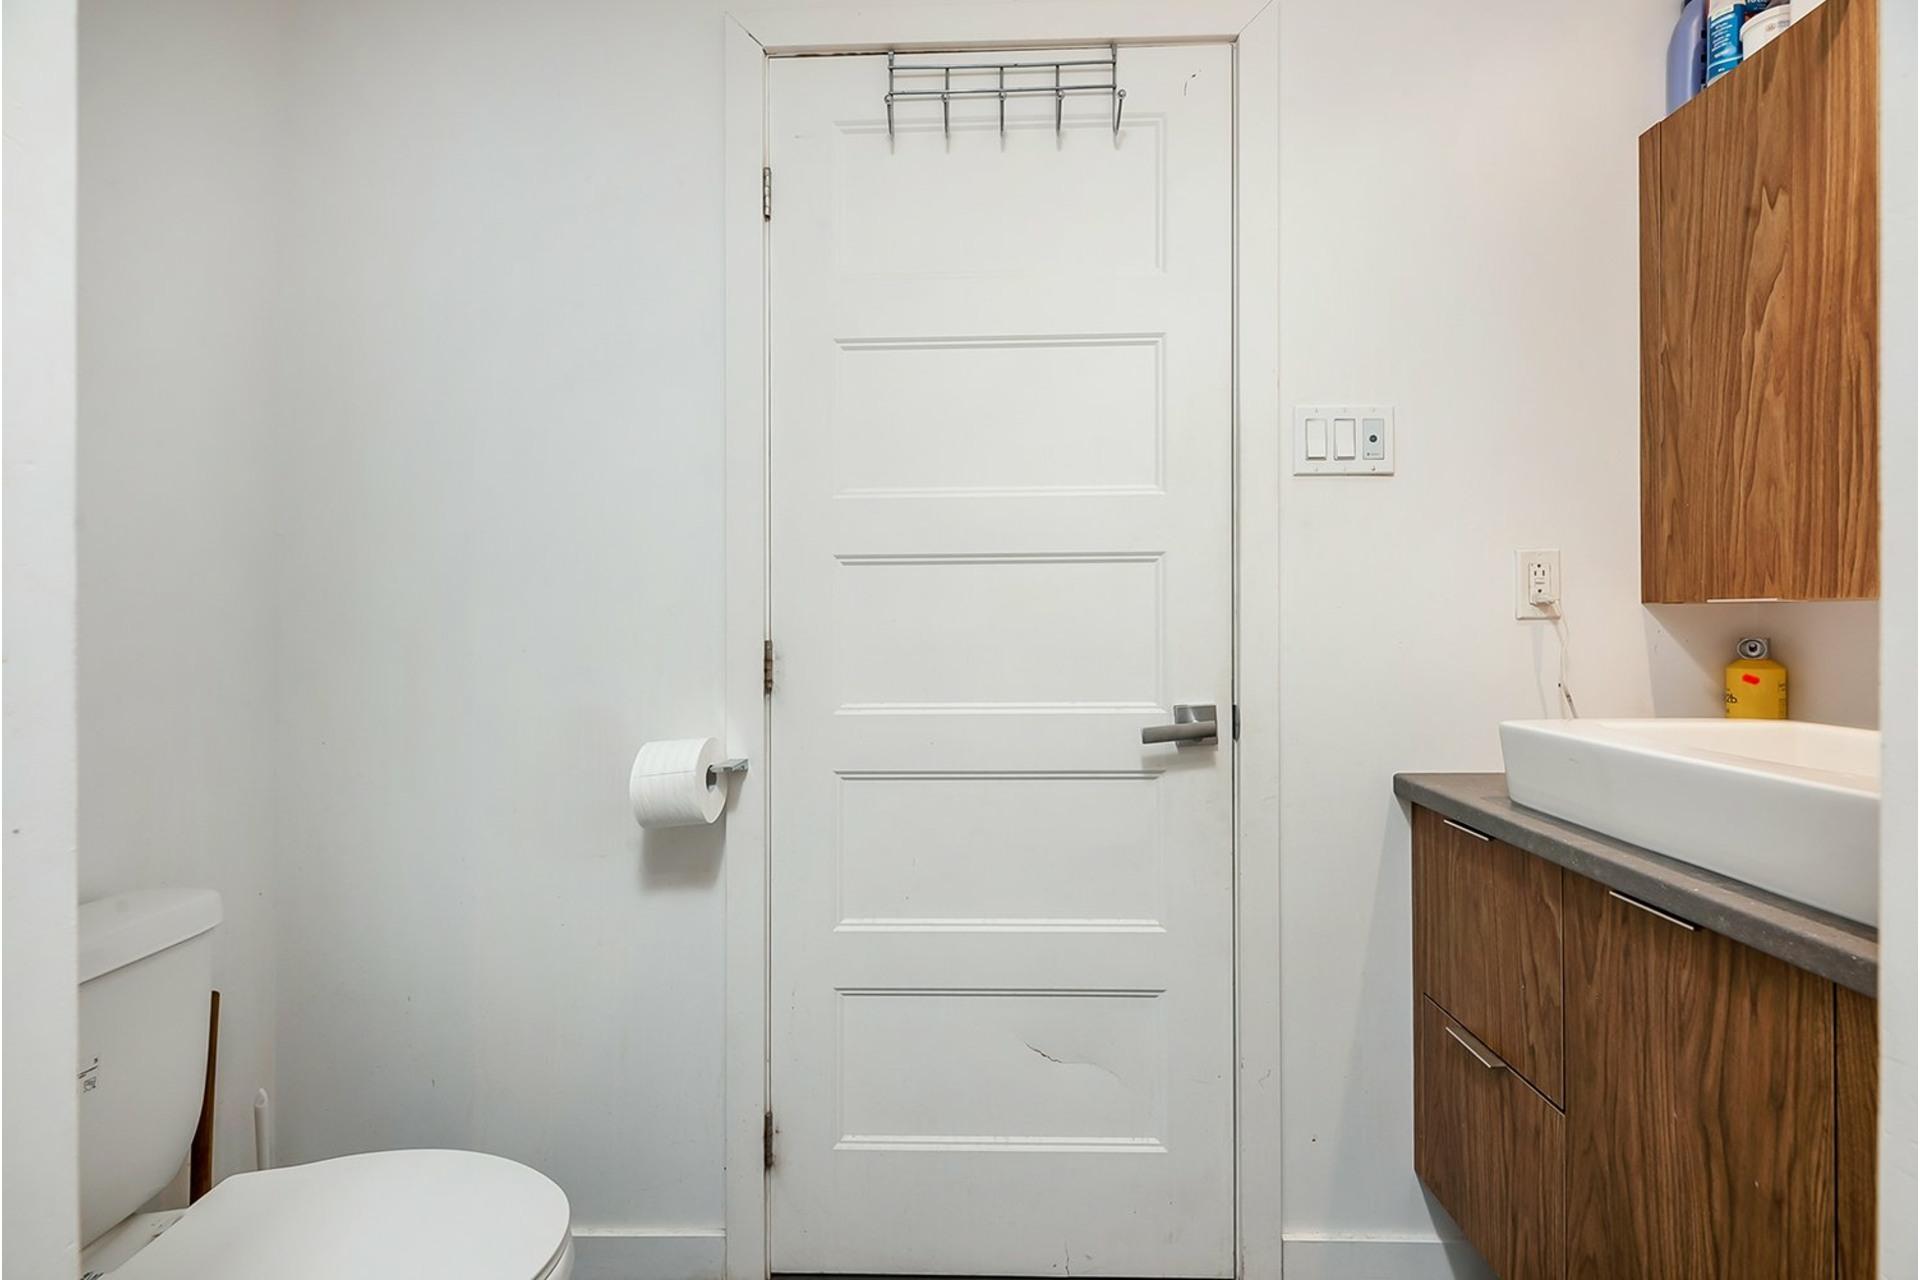 image 68 - Triplex For sale Mercier/Hochelaga-Maisonneuve Montréal  - 4 rooms